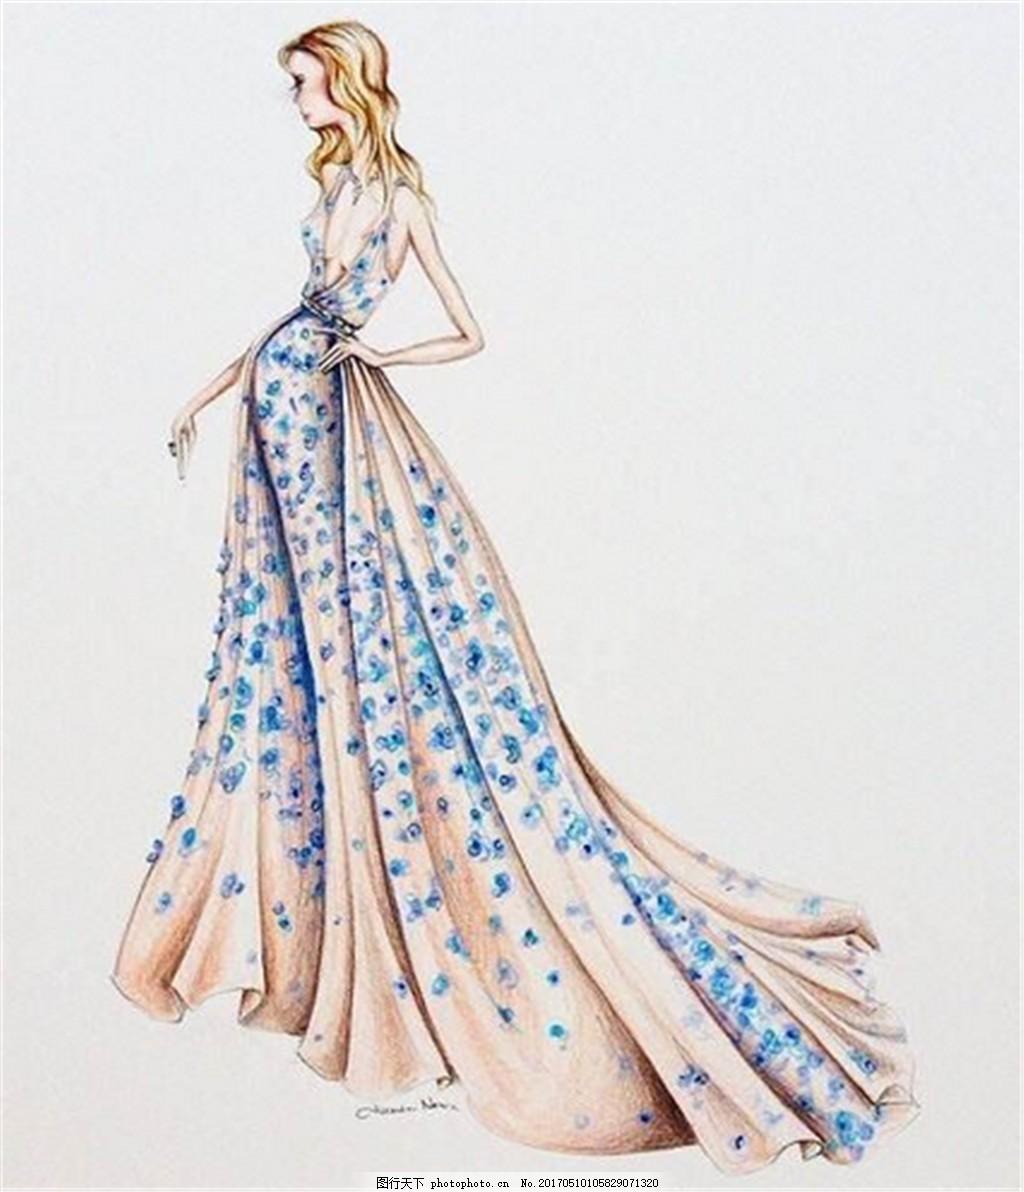 蓝色碎花礼服设计图 时尚女装 职业女装 女装设计效果图 短裙 服装